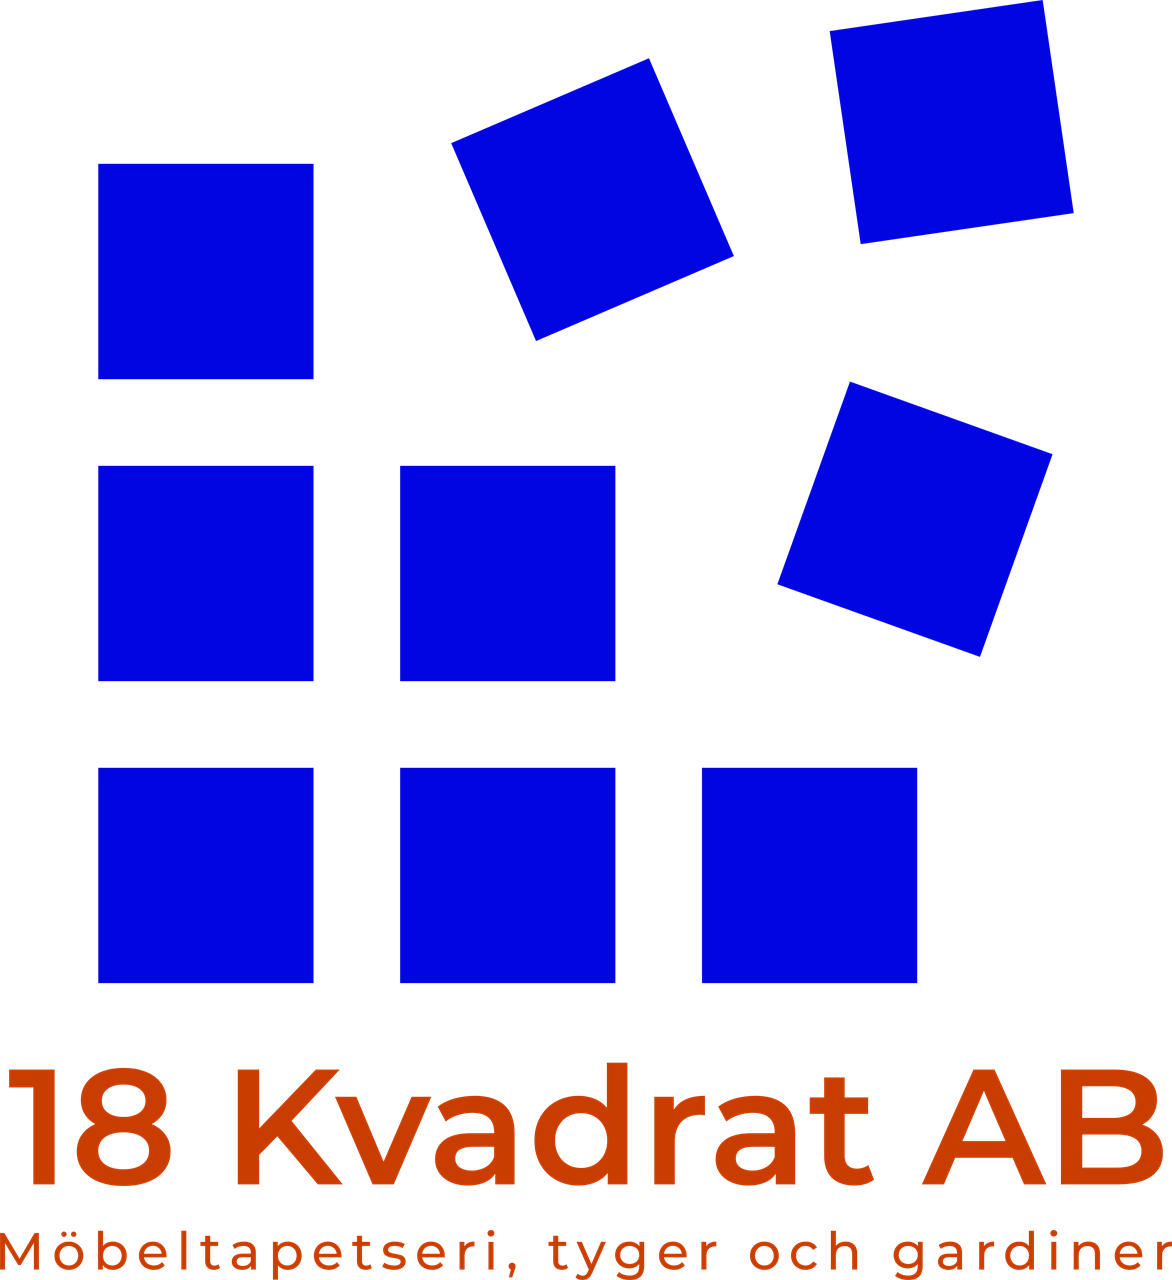 18 Kvadrat AB